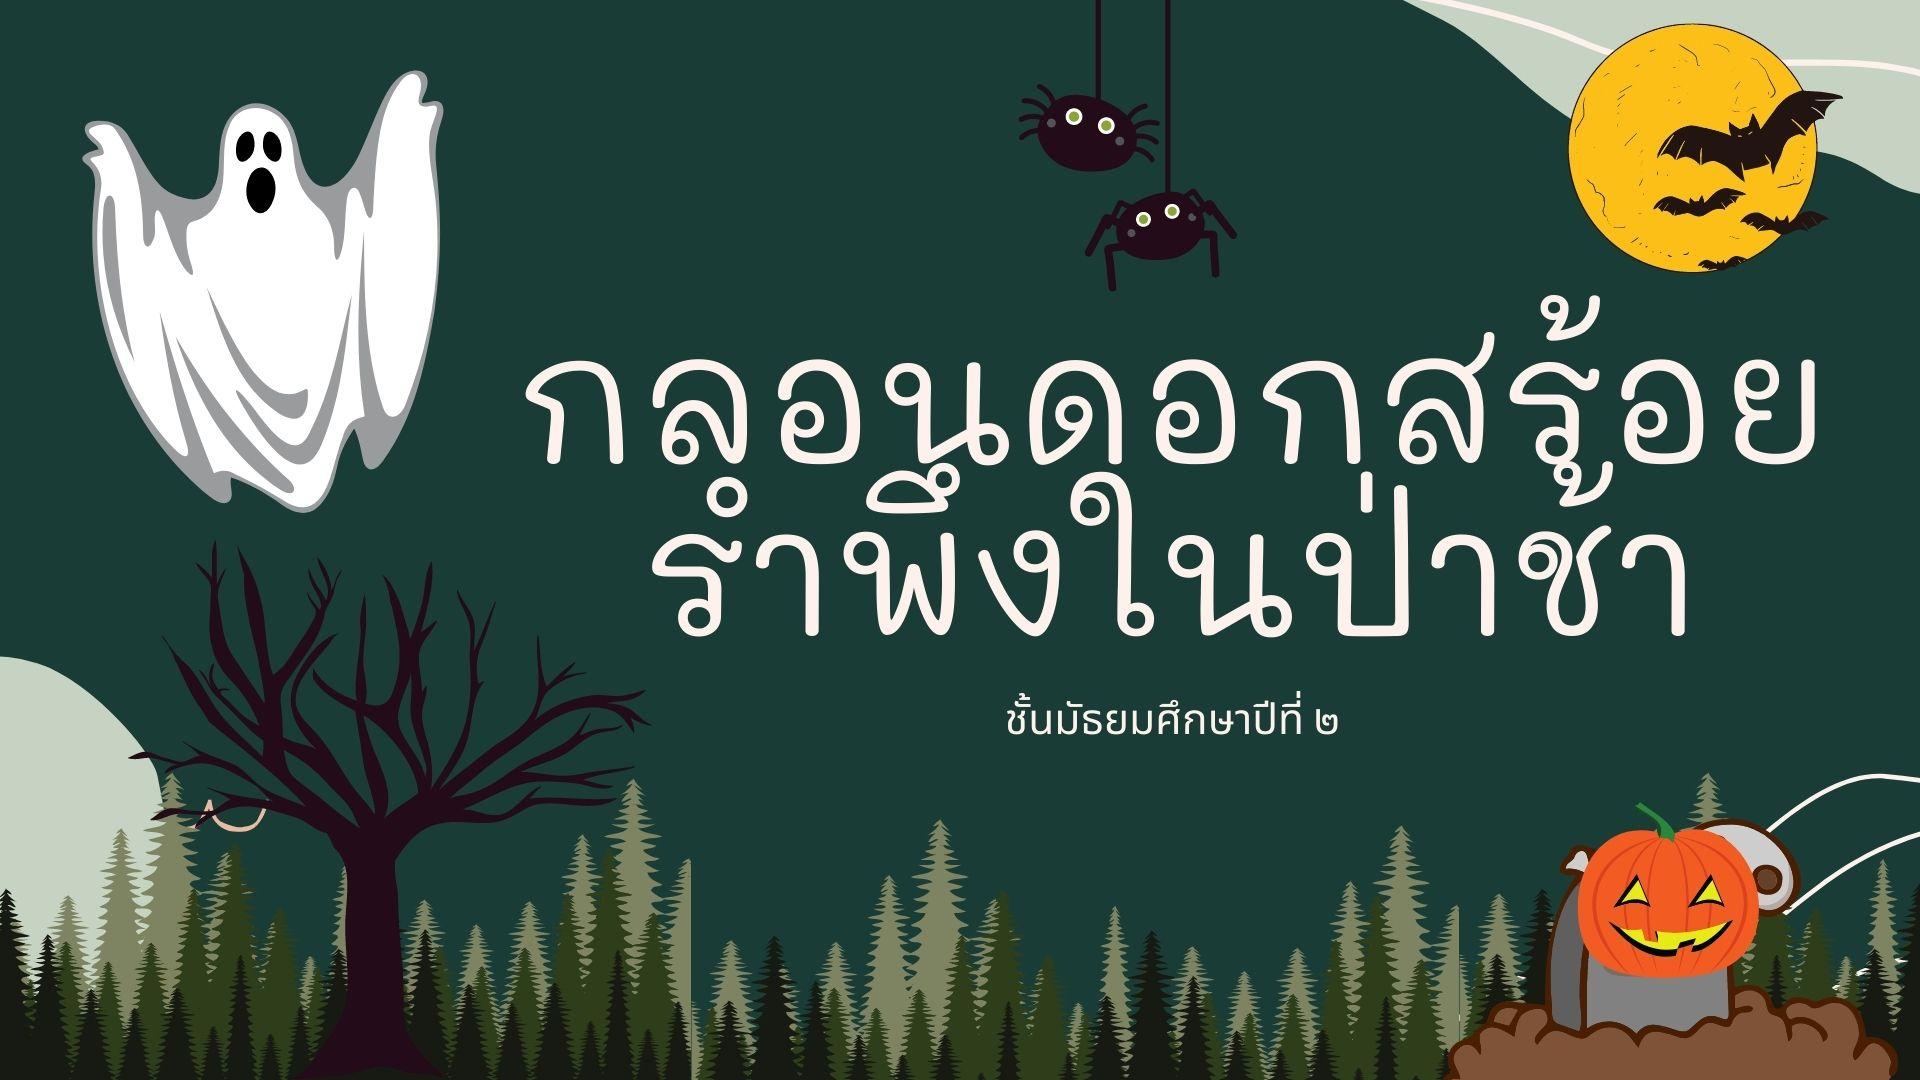 ภาพประกอบไอเดีย เรื่อง กลอนดอกสร้อยรำพึงในป่าช้า